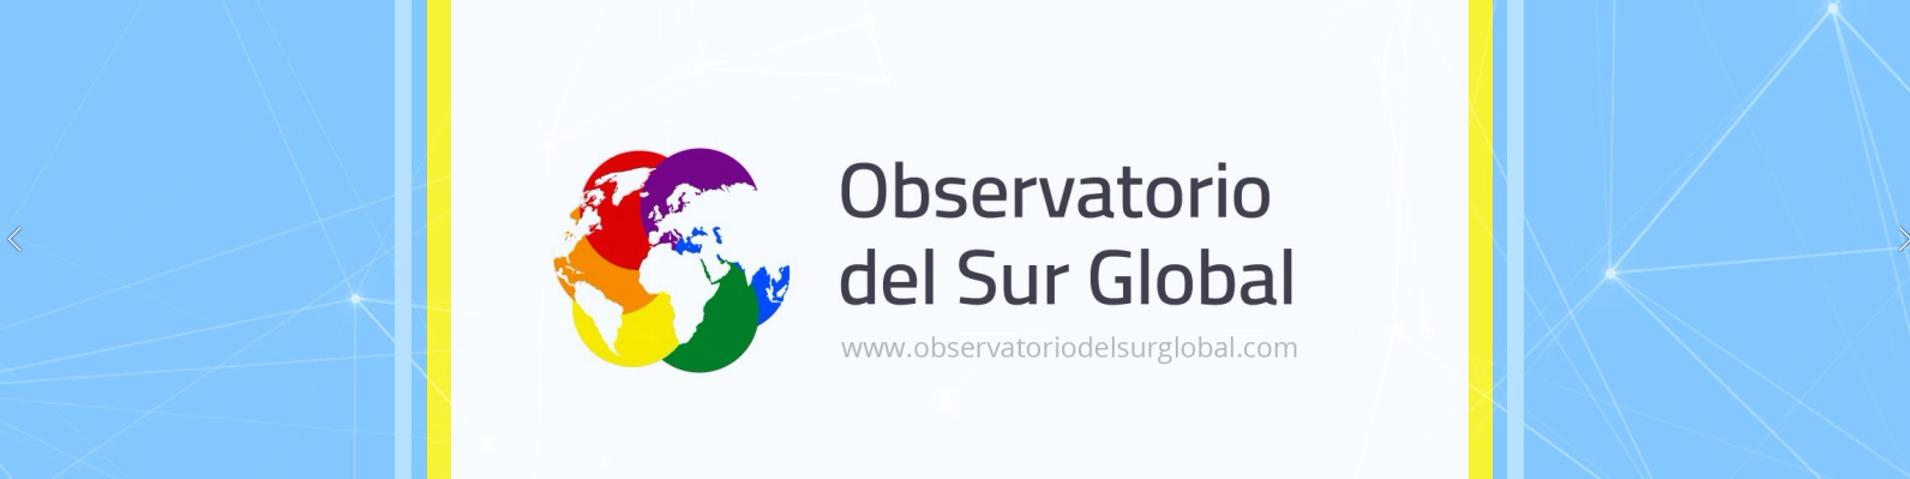 Observatorio del Sur Global